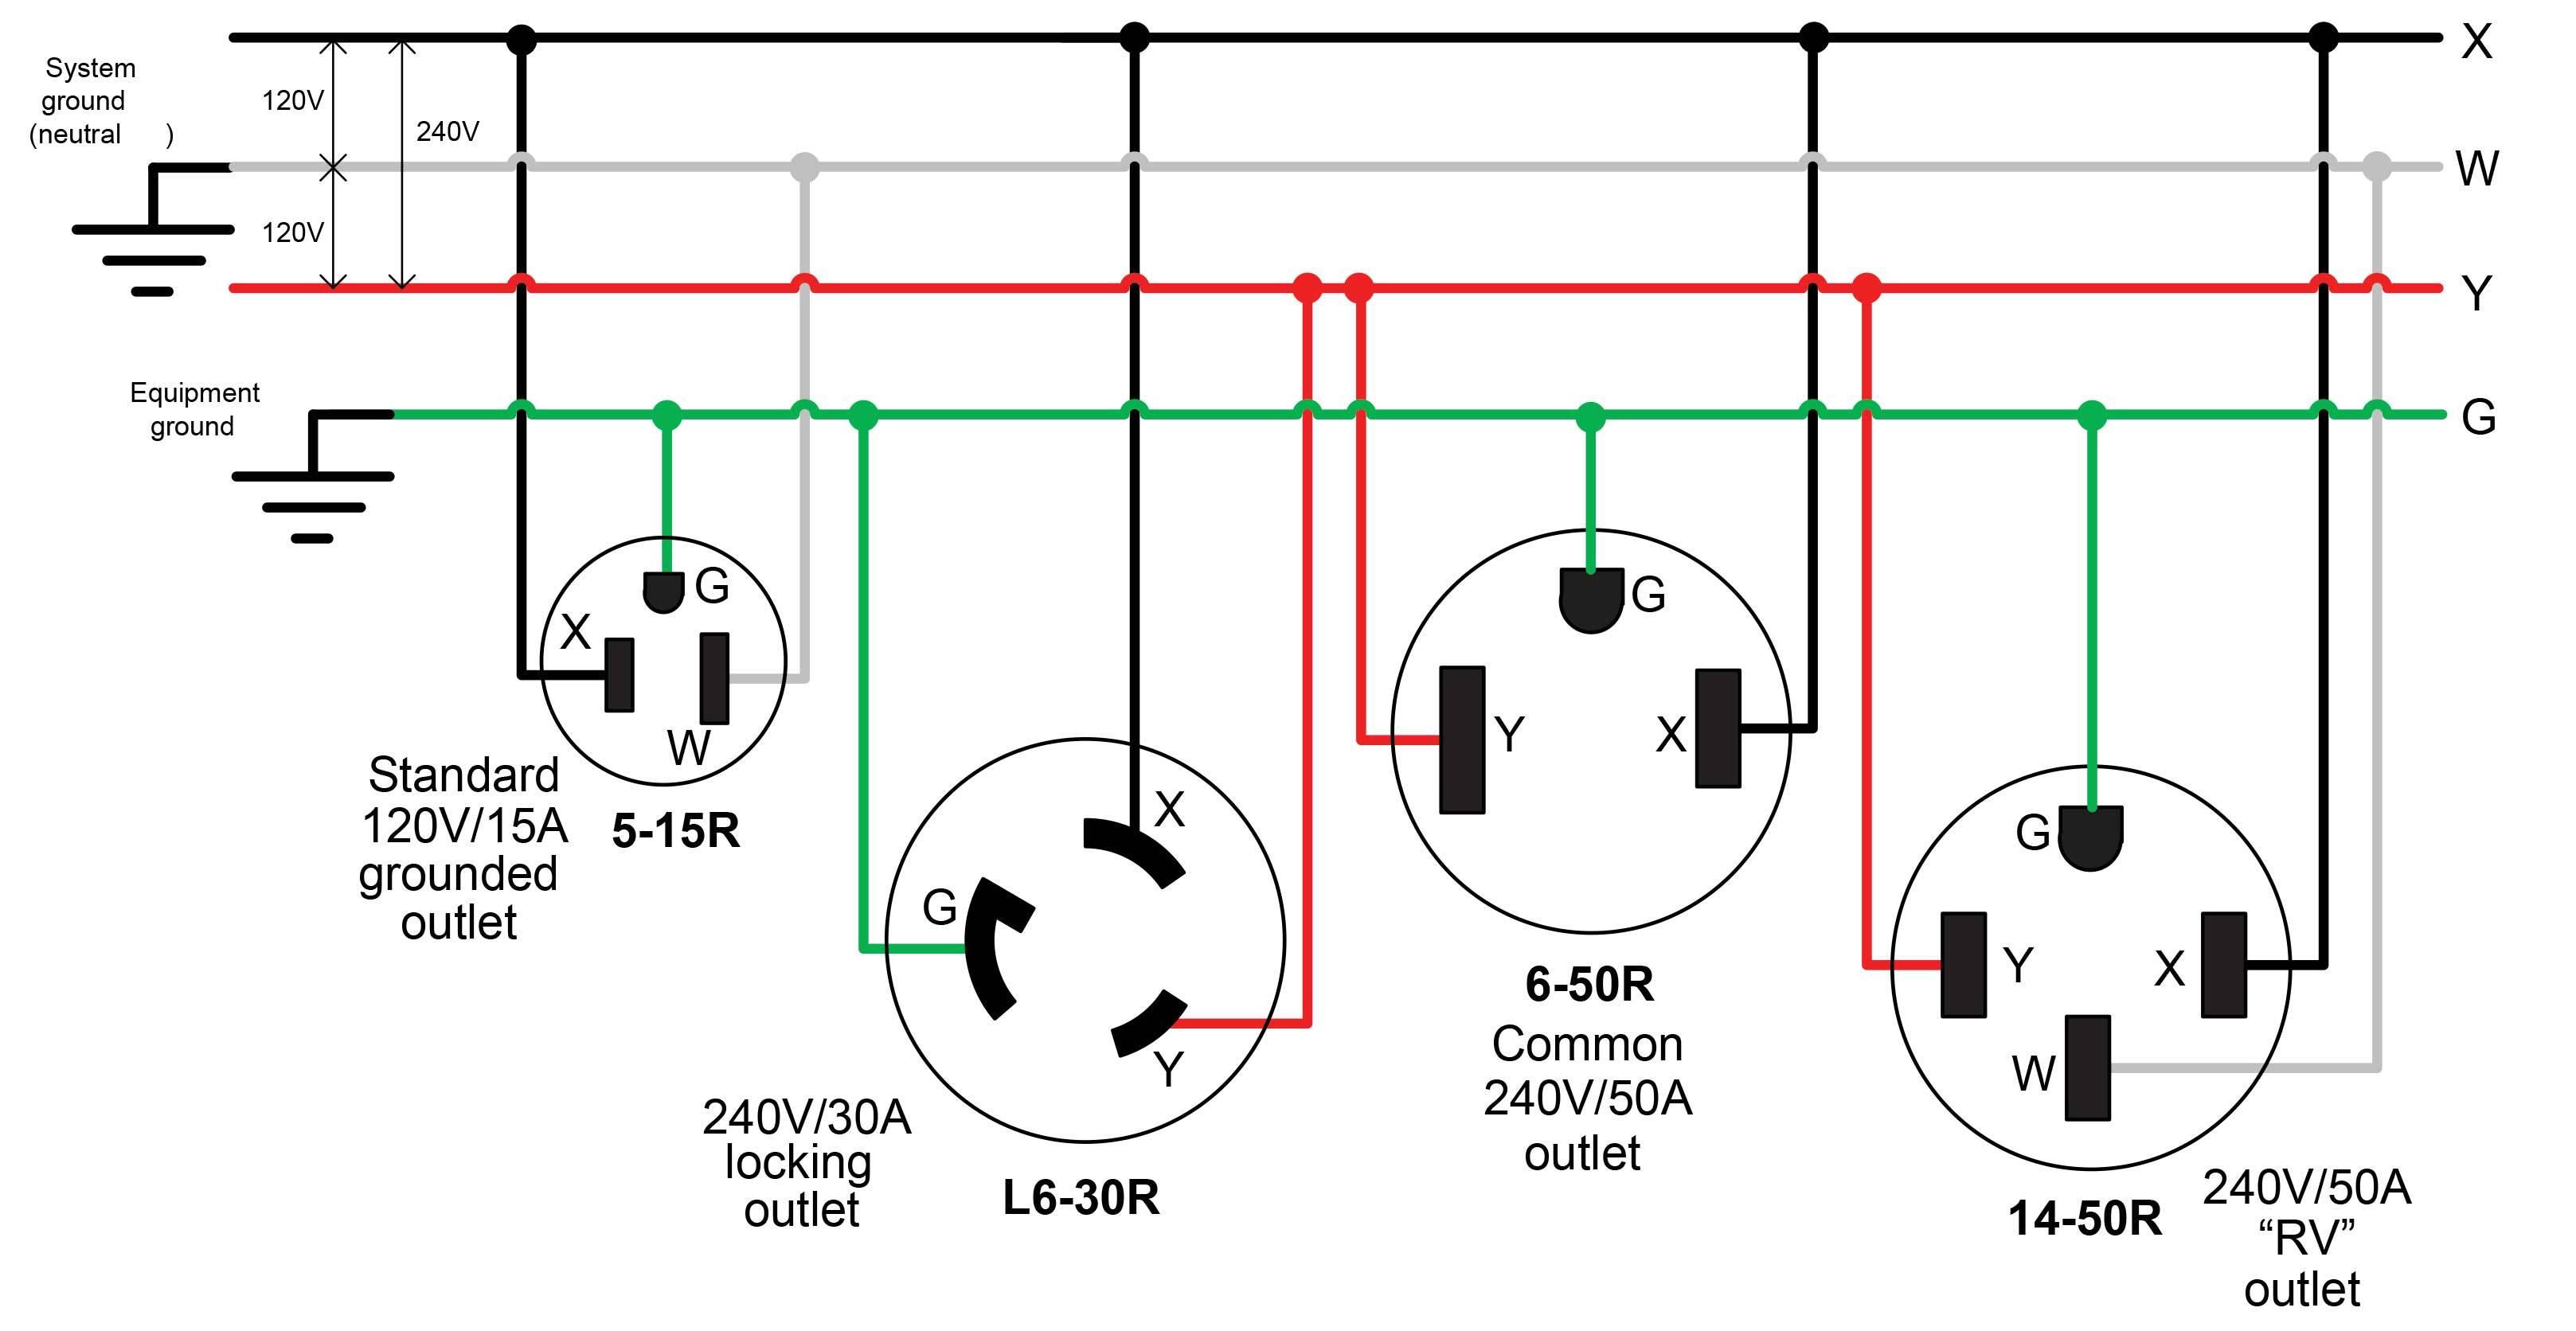 Nema 10 30r Wiring Diagram Manual Guide